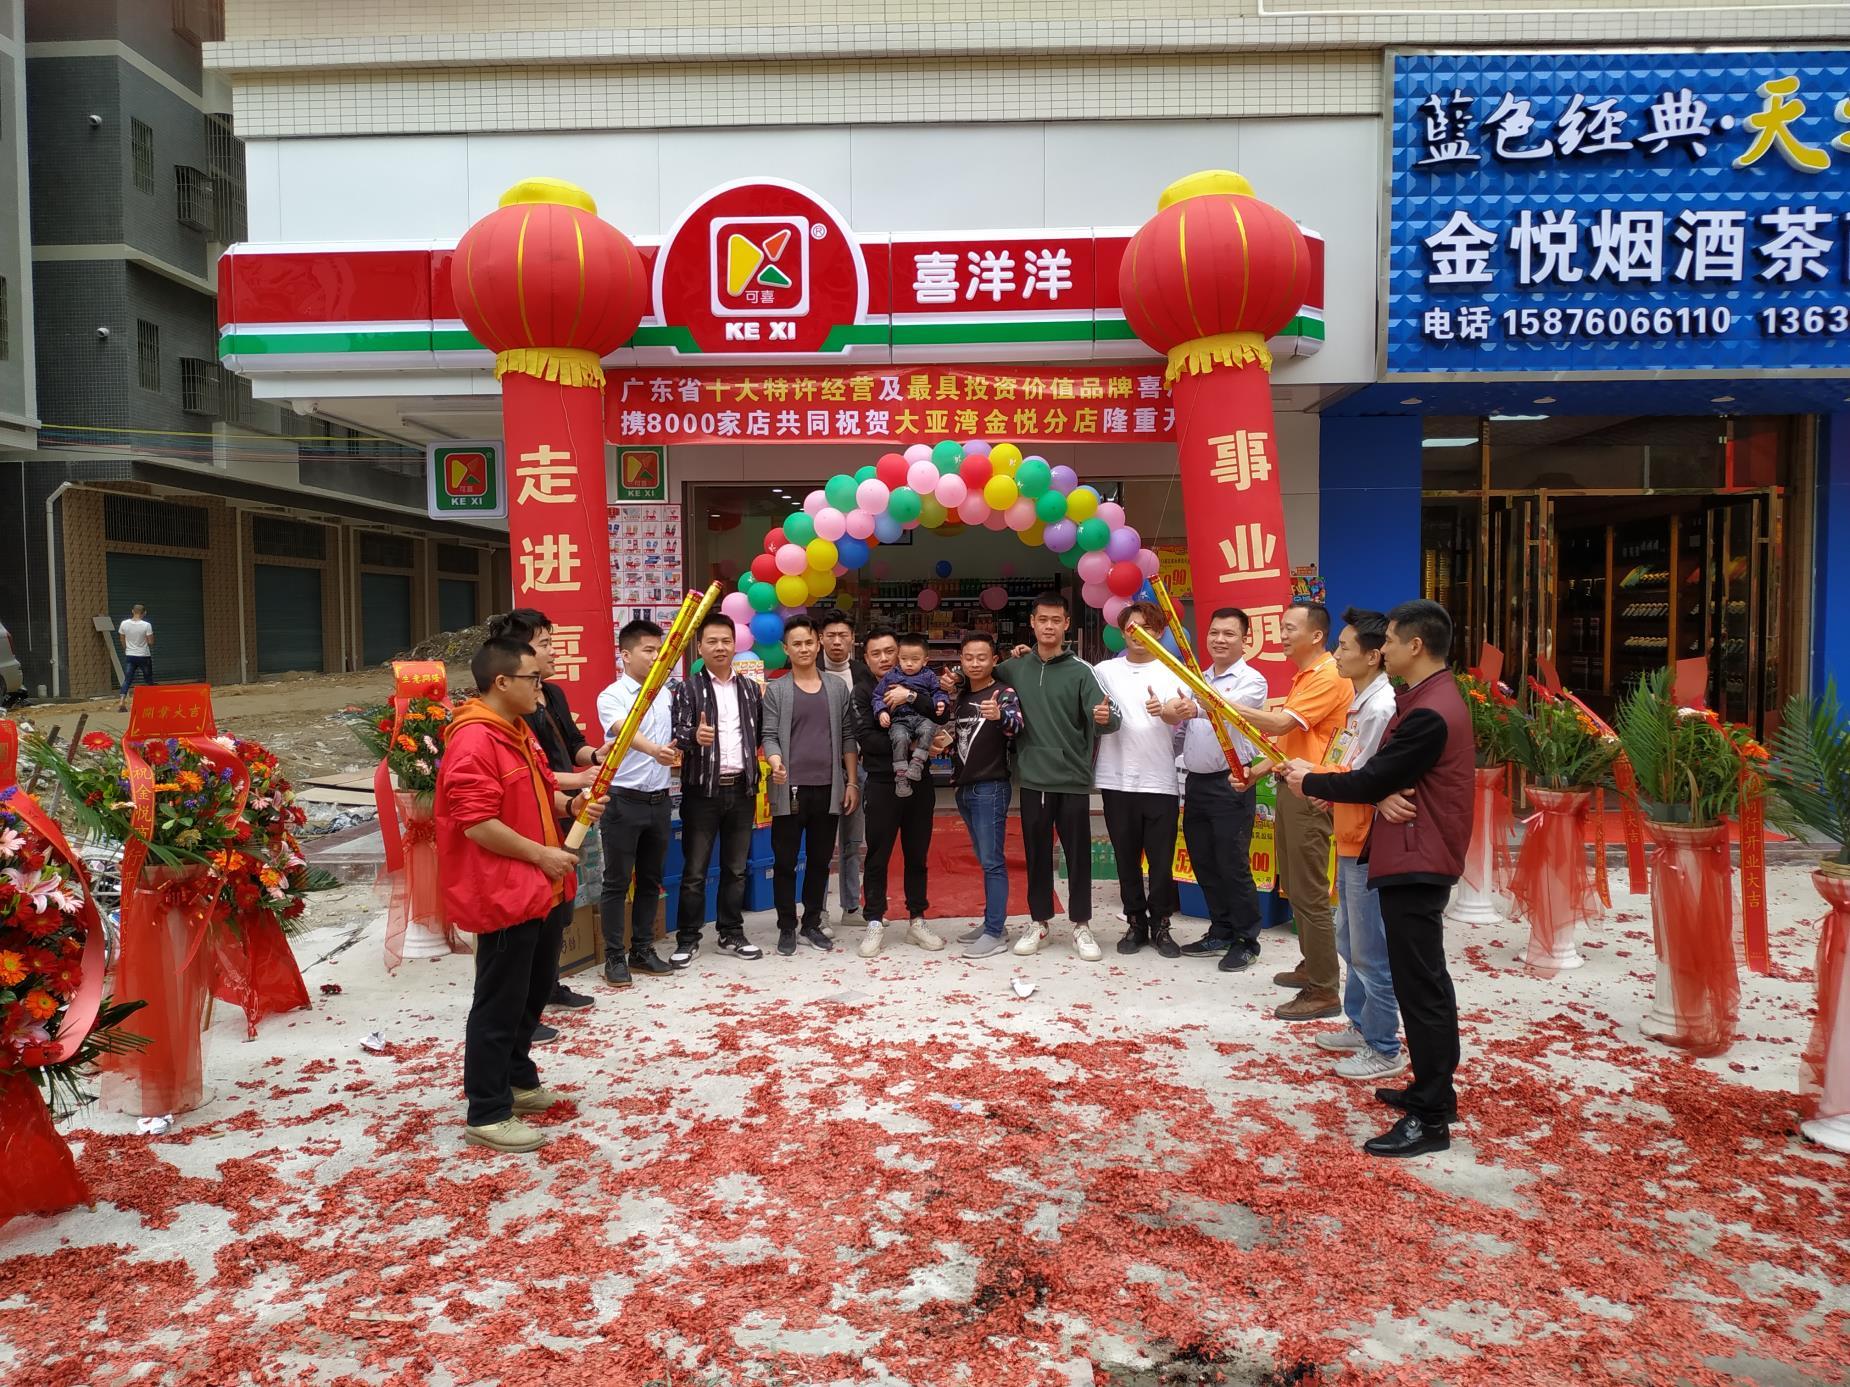 喜洋洋便利店全体员工恭祝大亚湾金悦分店3月18日隆重开业